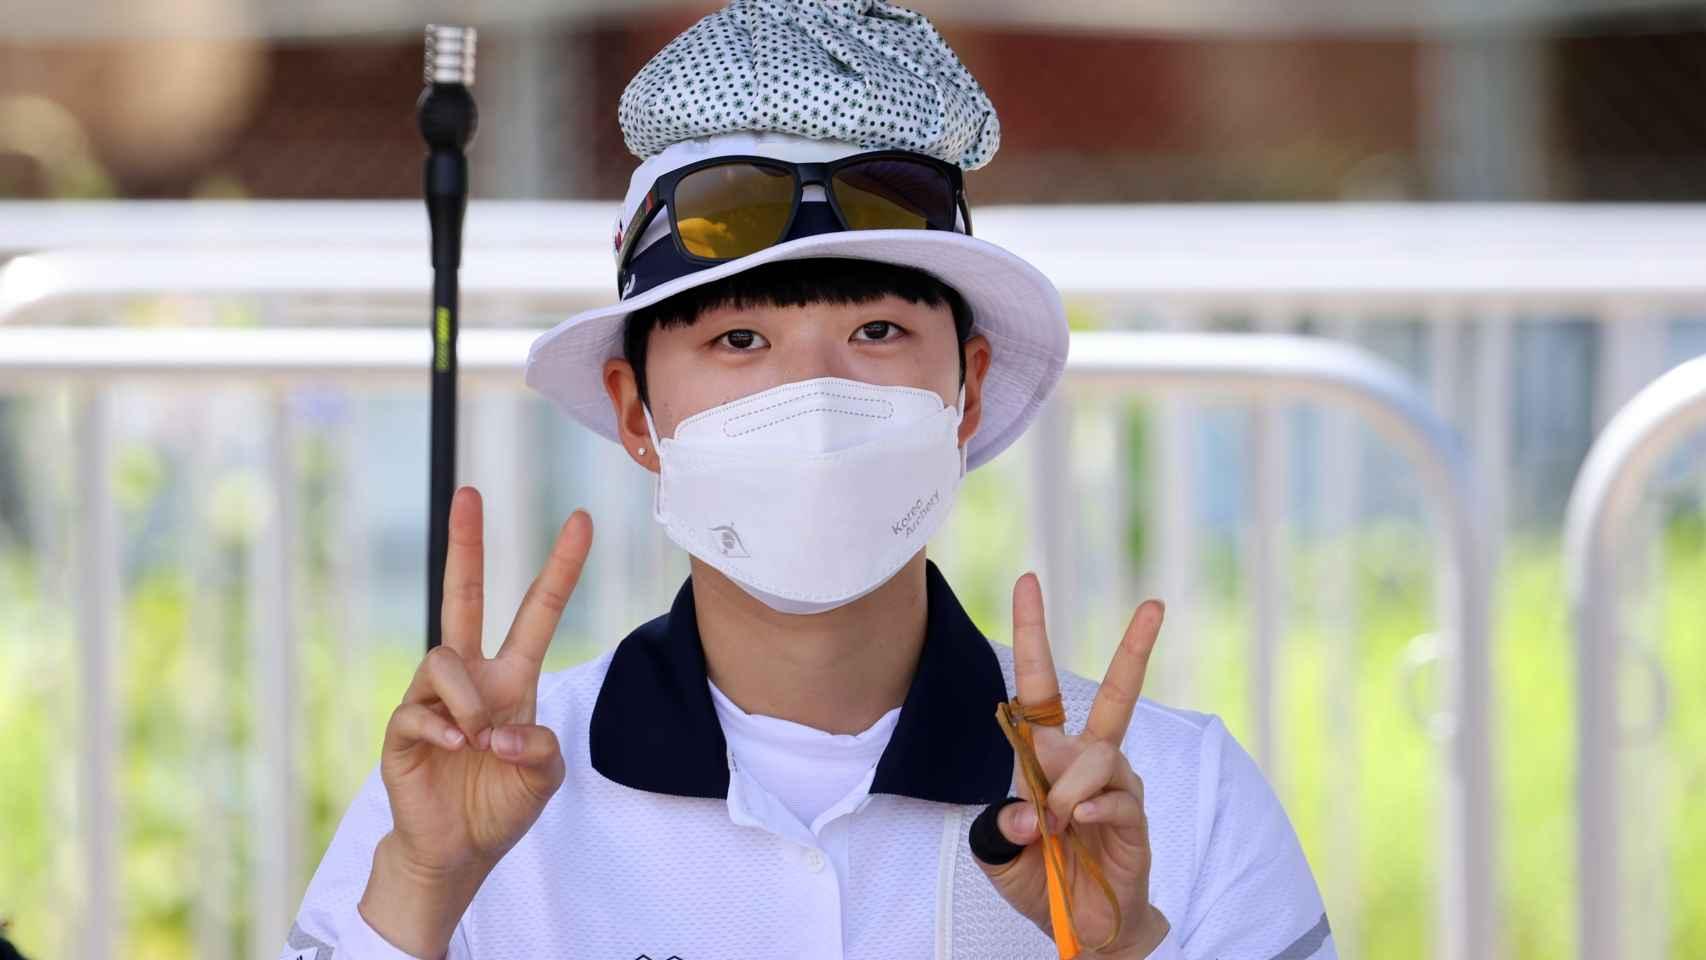 La arquera surcoreana San An celebra su récord olímpico en los JJOO de Tokio 2020